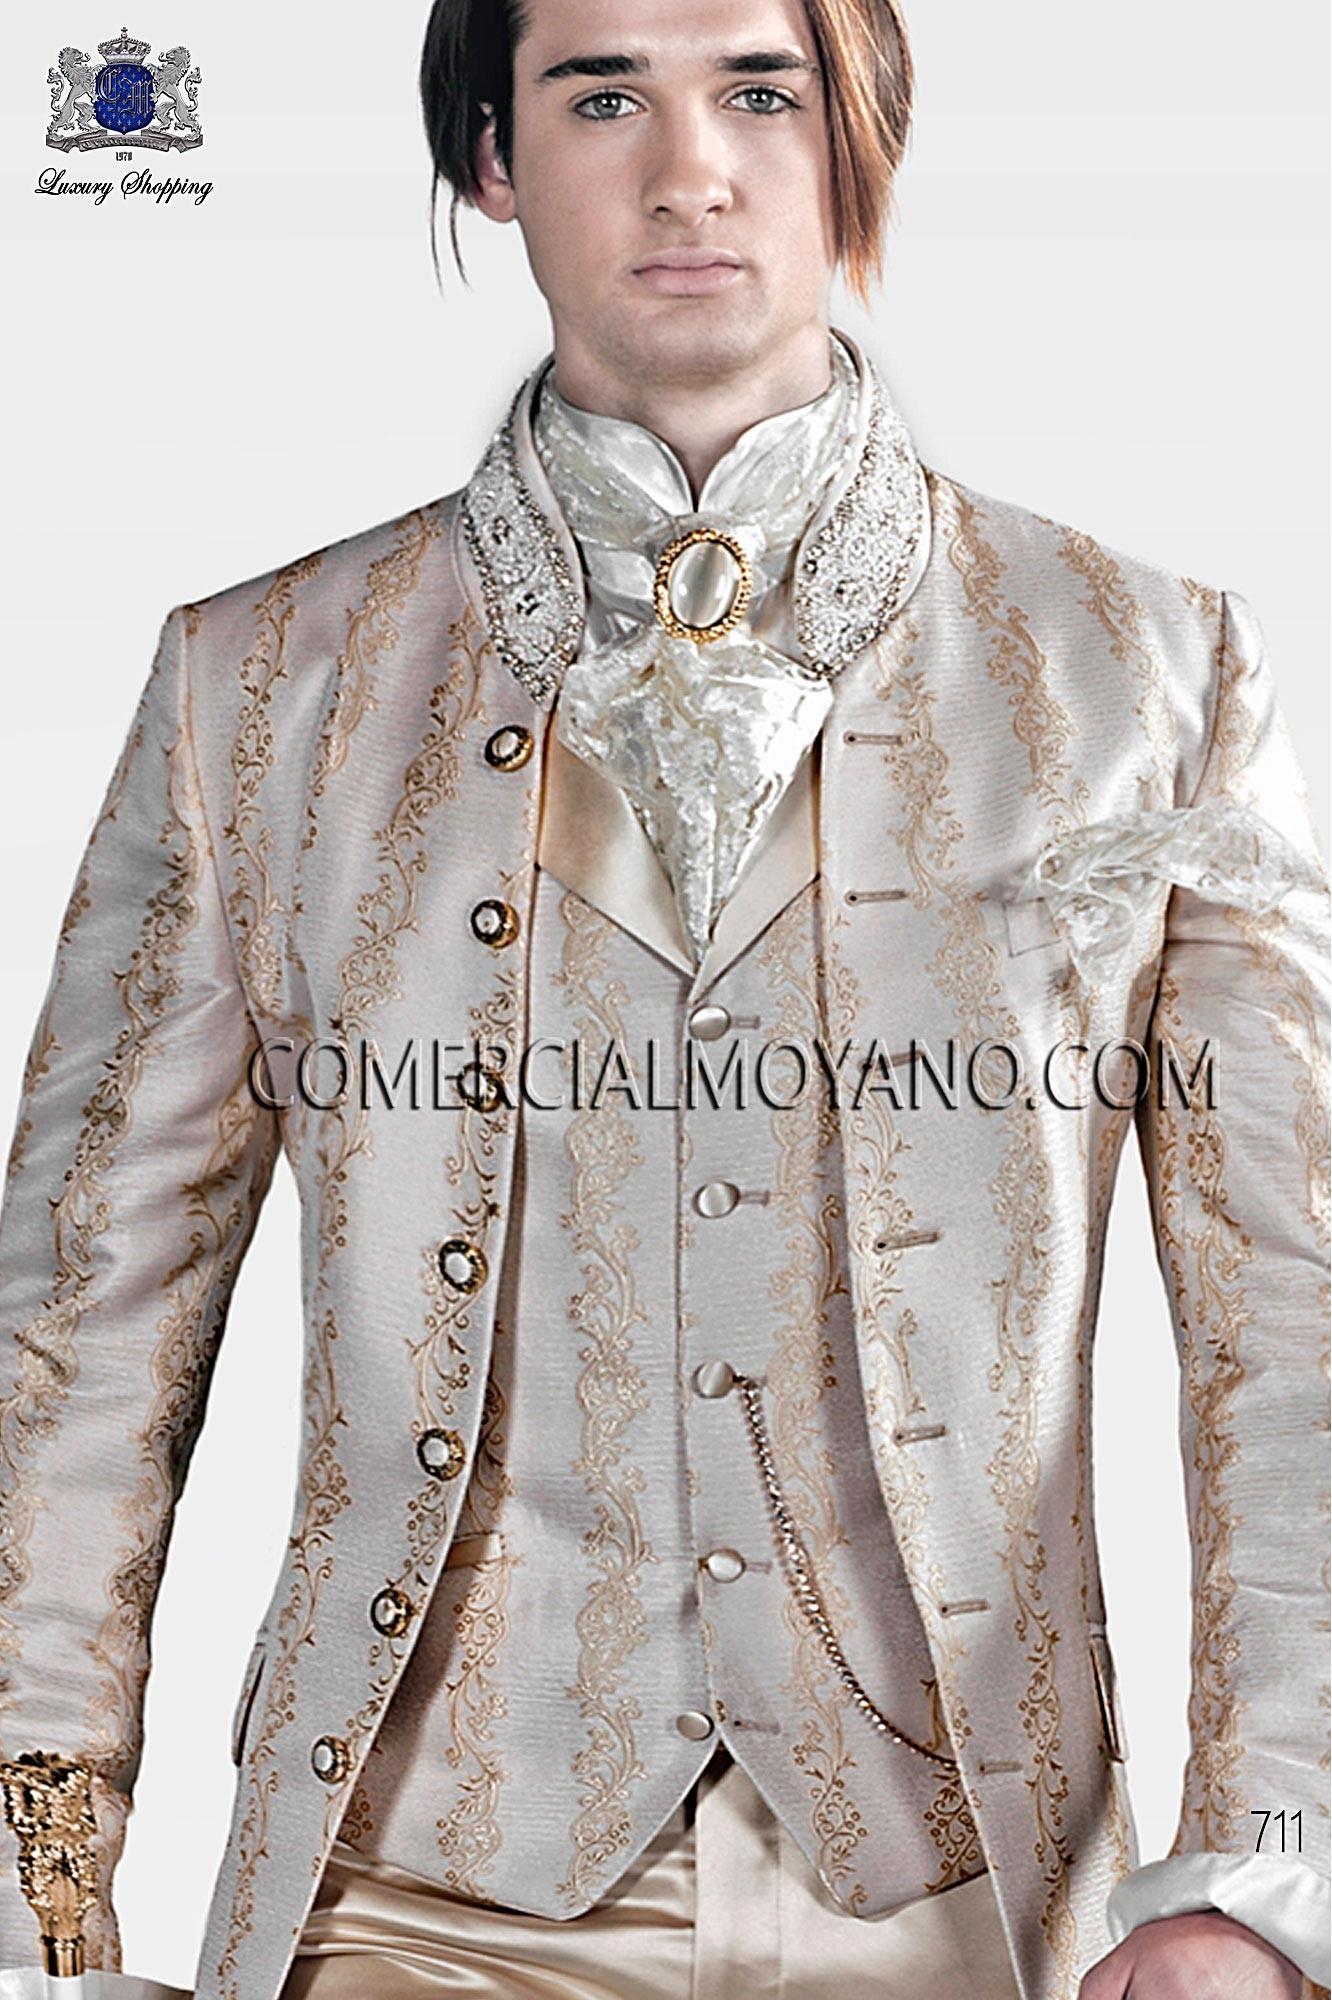 Traje barroco de novio marfil dorado modelo: 711 Ottavio Nuccio Gala colección Barroco